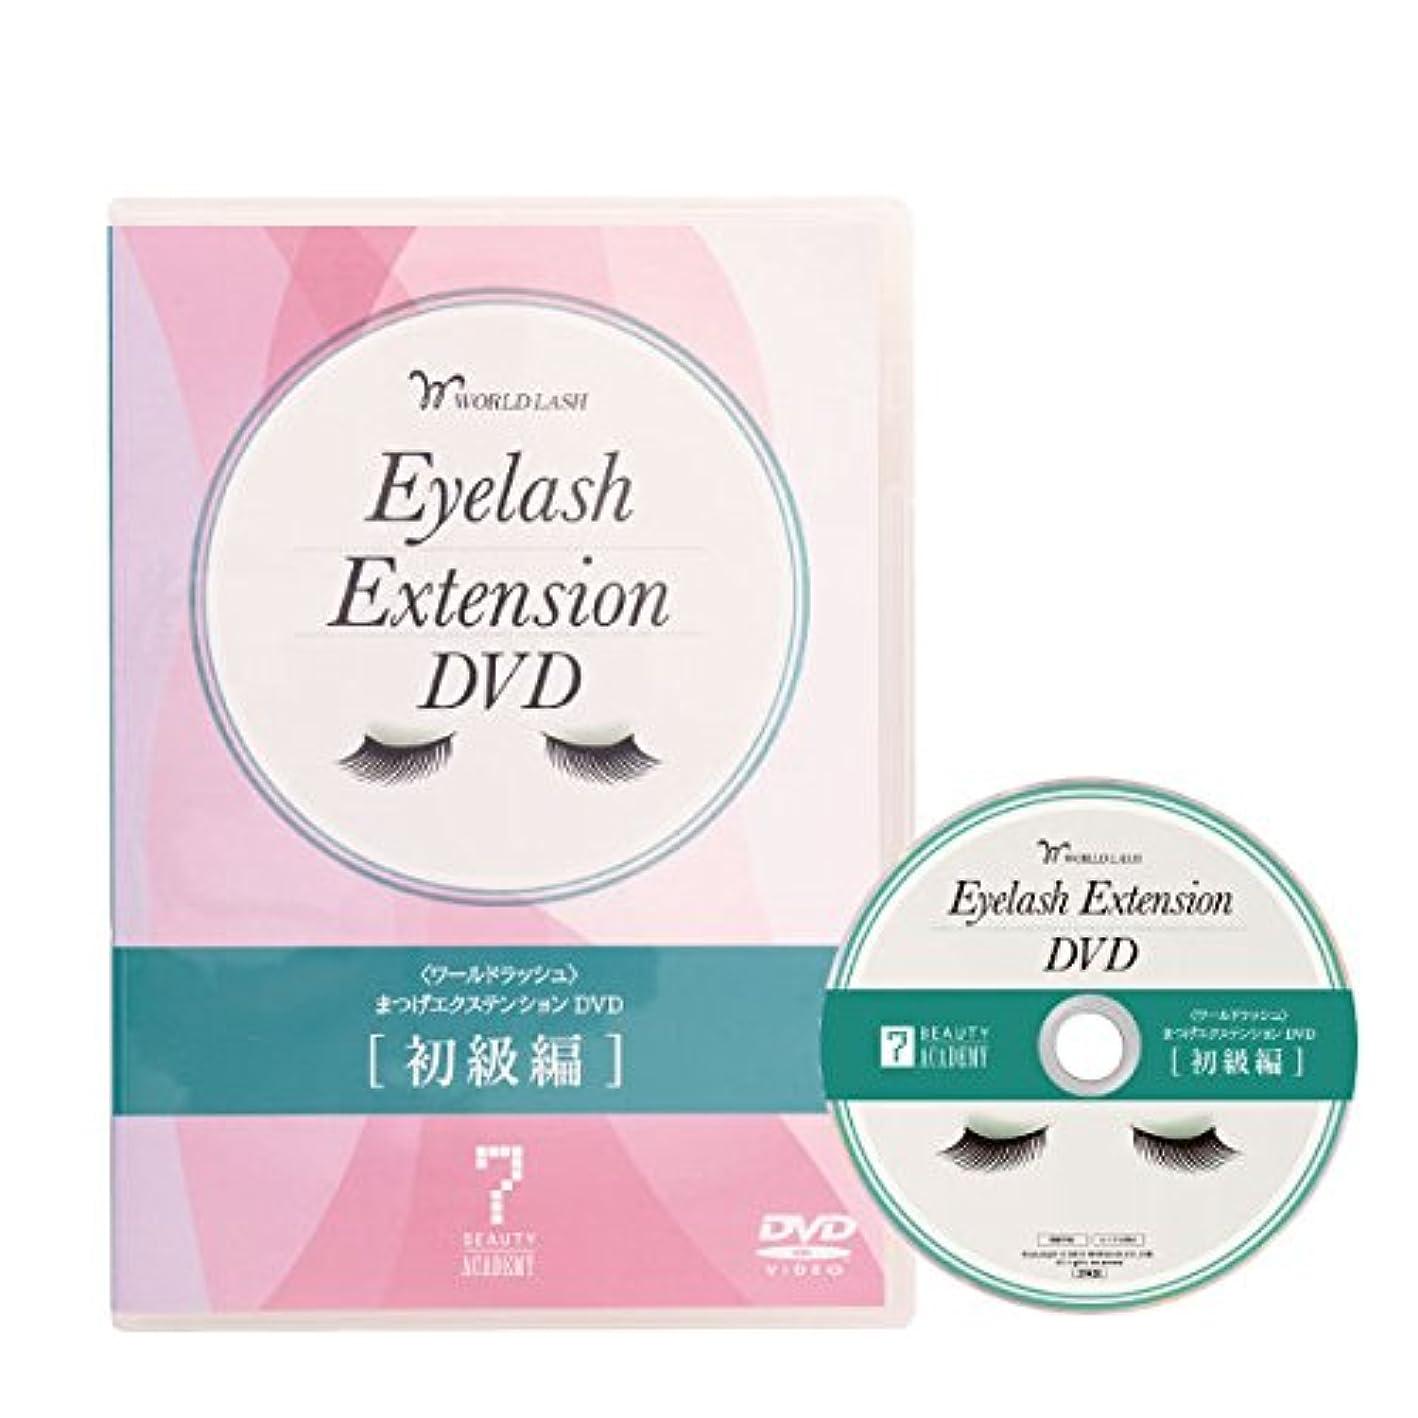 ソフトウェア外科医許さない< WORLD LASH > まつげエクステンション DVD (初級編) [ 教材 テキスト DVD まつげエクステ まつ毛エクステ まつエク マツエク サロン用 ]